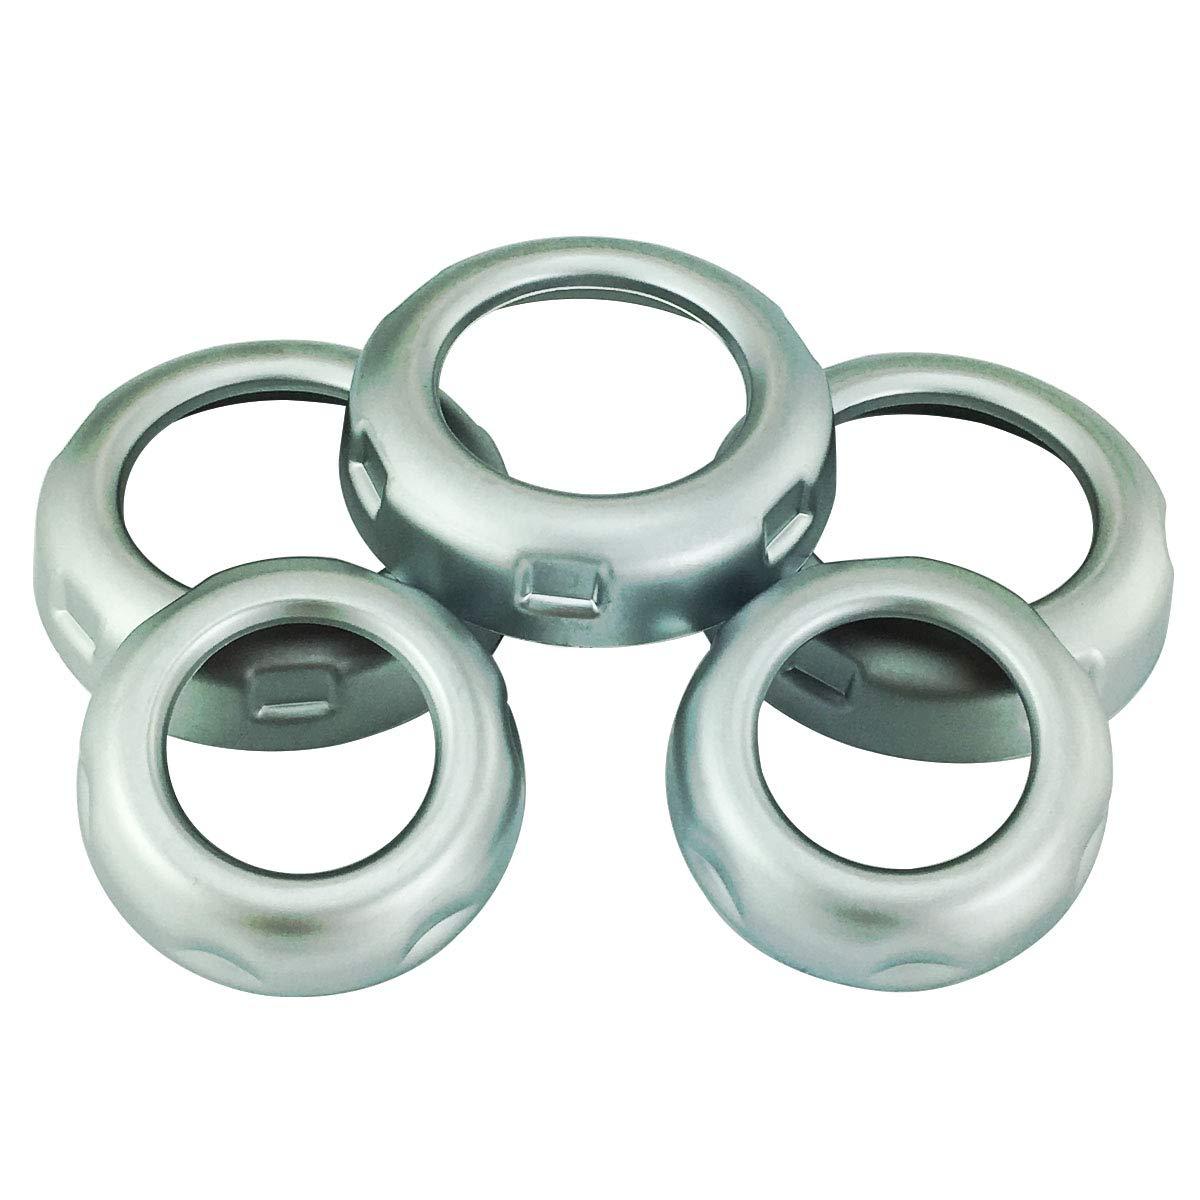 Amazon.com: Abfer - Juego de 5 anillos de botón de botón ...